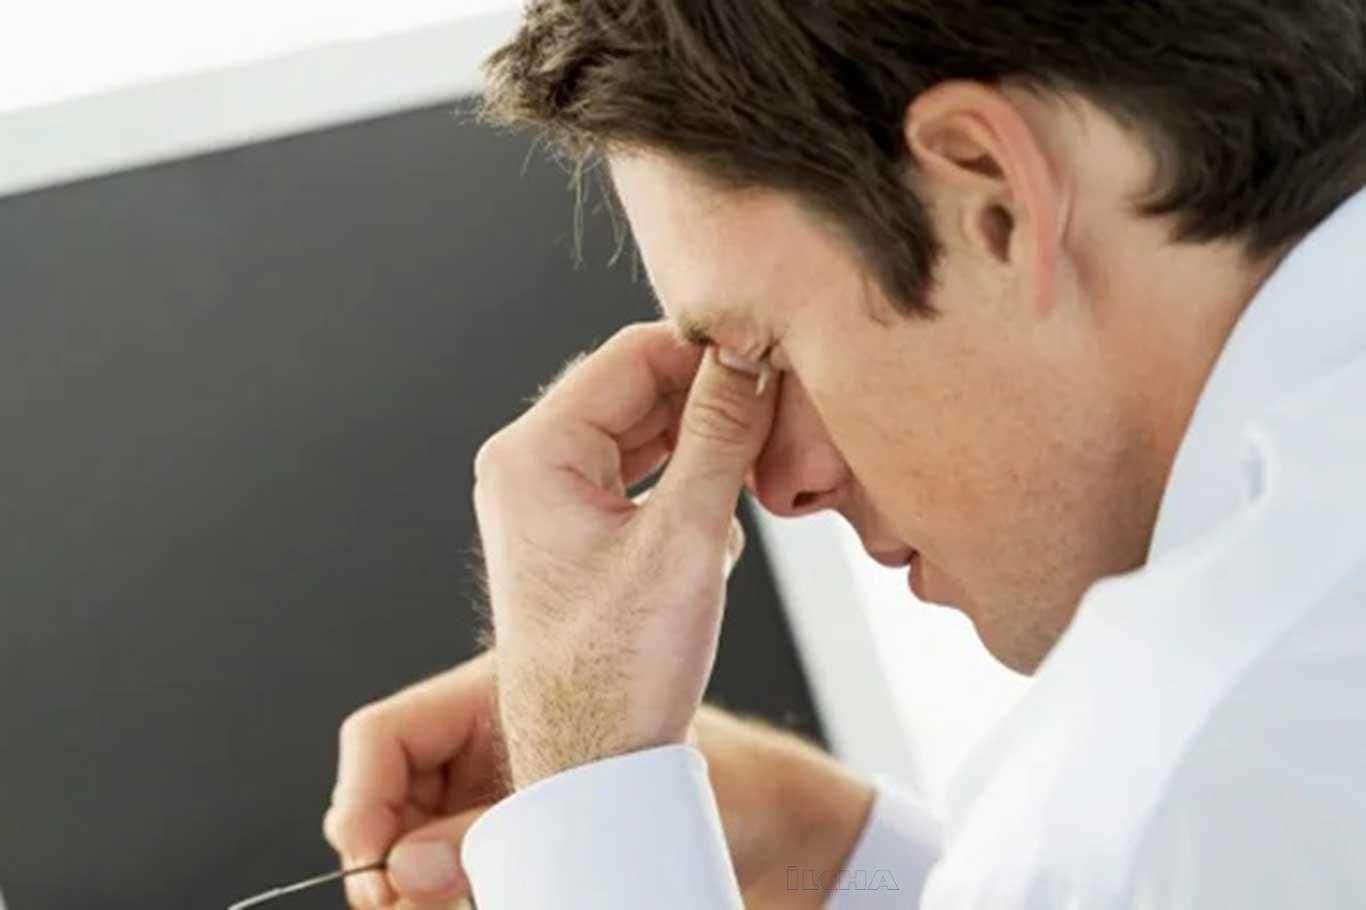 Sinüzit nedir? Sinüzit belirtileri ve sinüzit tedavisi